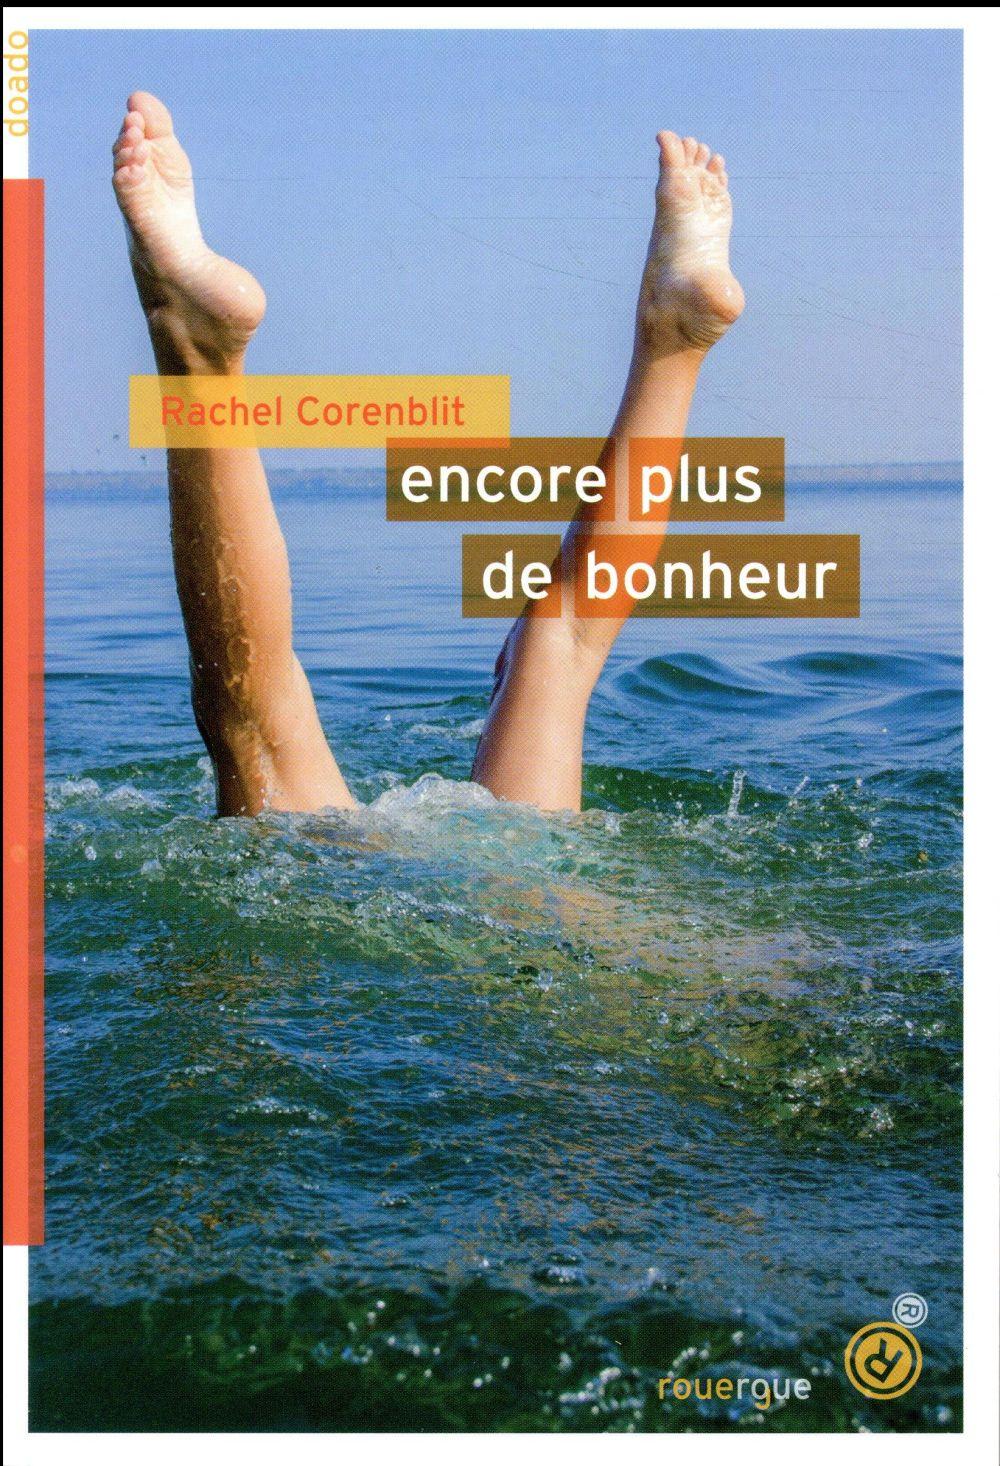 ENCORE PLUS DE BONHEUR